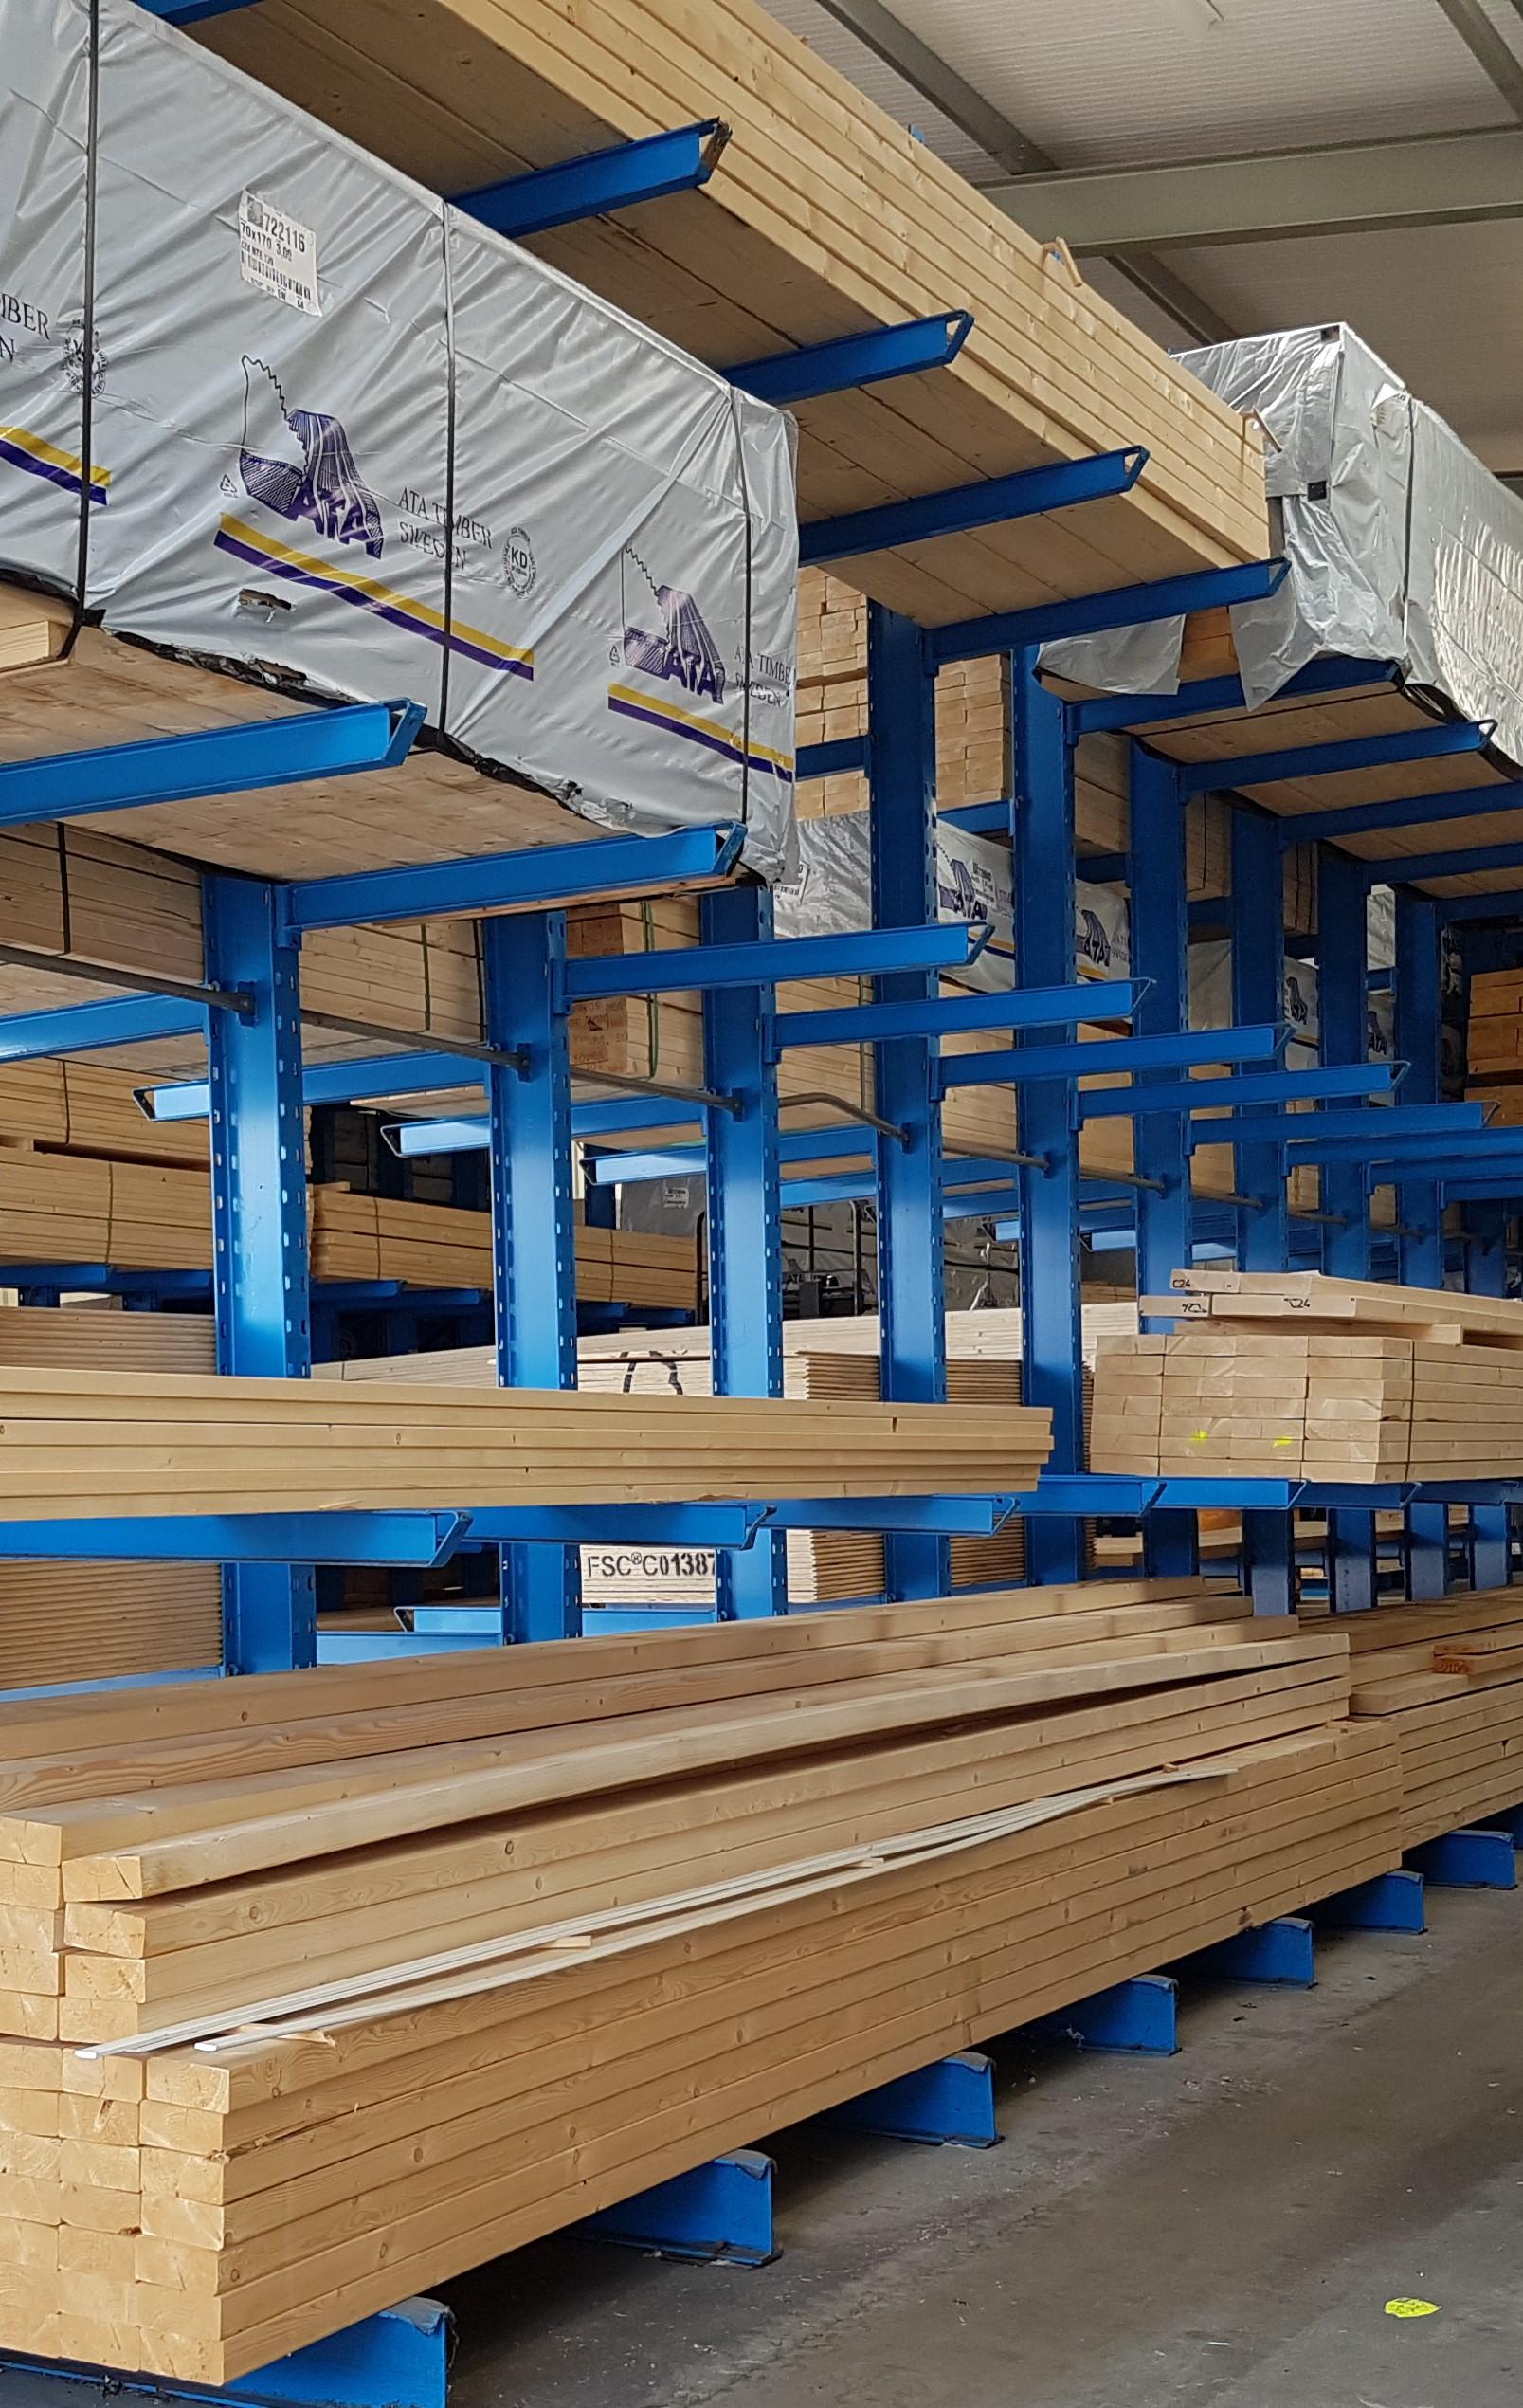 Opslag bouwmatr. 4. Draagarmstelling voor de opslag van pakketten hout